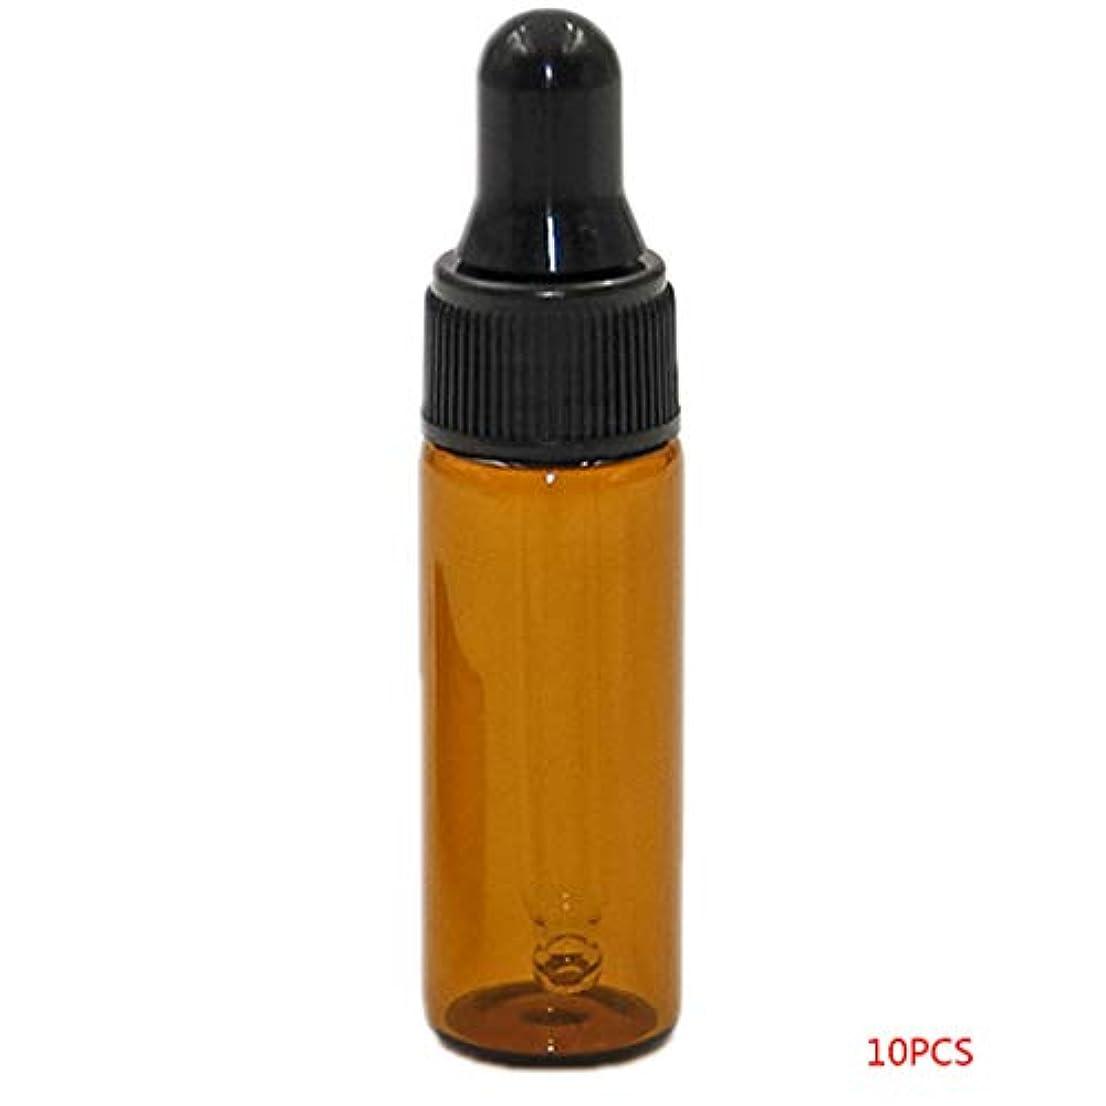 味付けランタン形TopFires アロマオイル 精油 小分け用 遮光瓶 セット 茶 ガラス アロマ ボトル オイル 用 茶色 瓶 ビン エッセンシャルオイル 保存 詰替え 瓶 ビン